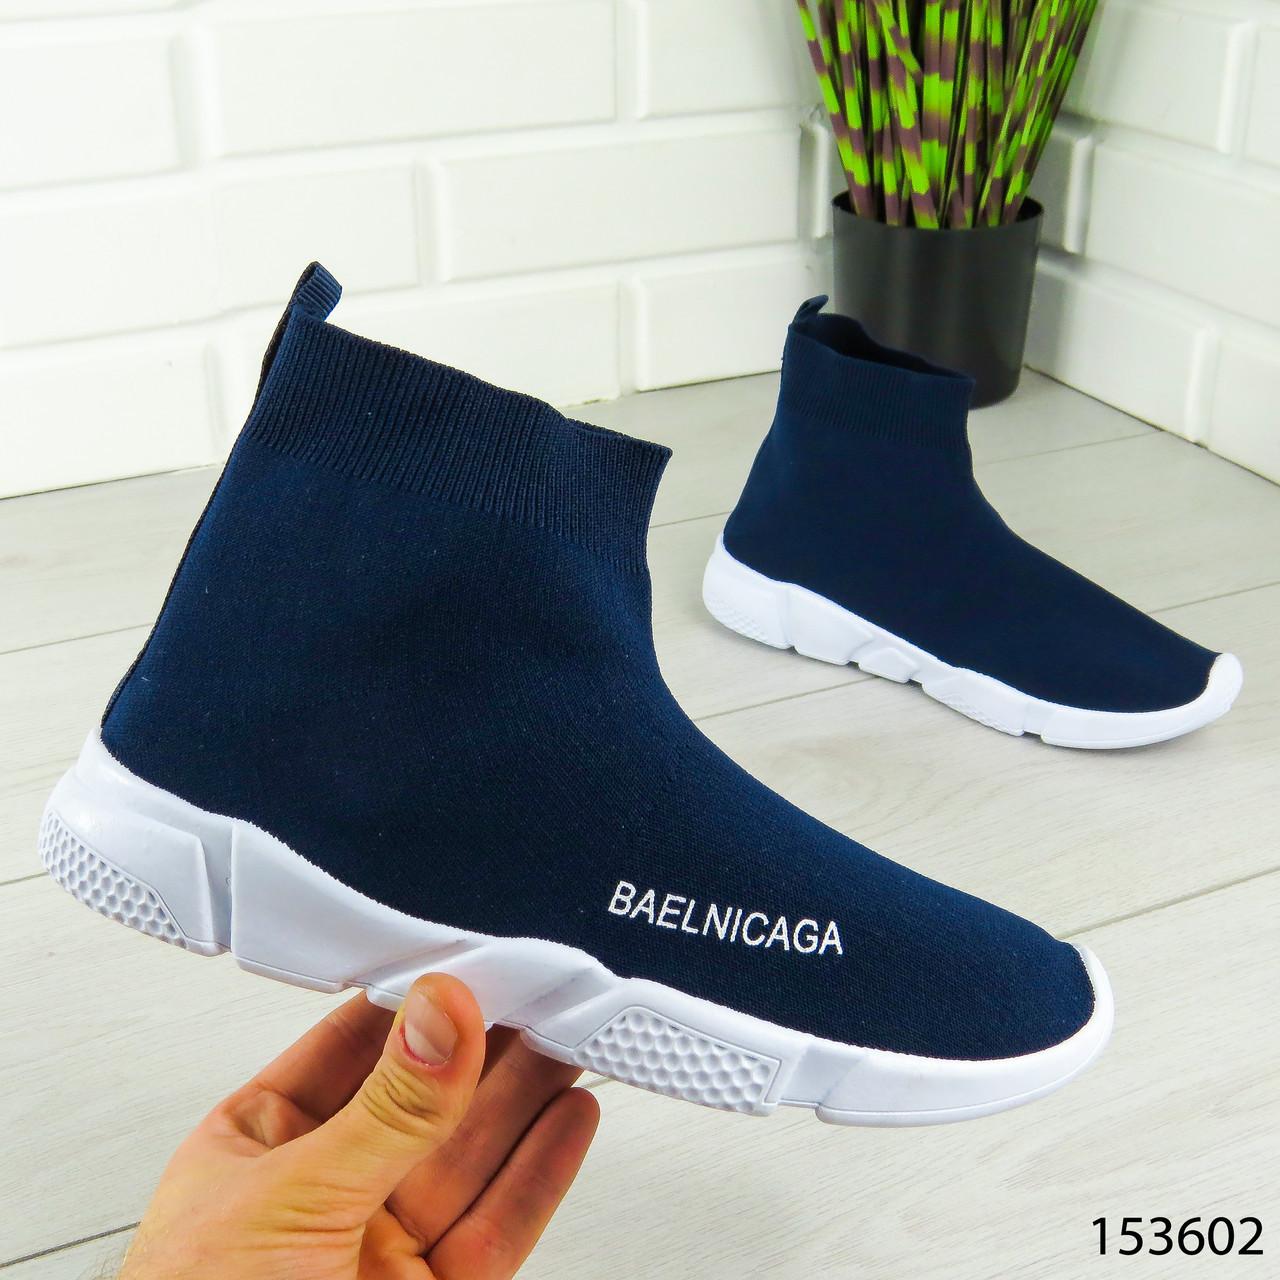 """Кроссовки женские синие в стиле """"Balenciaga"""" текстильные"""